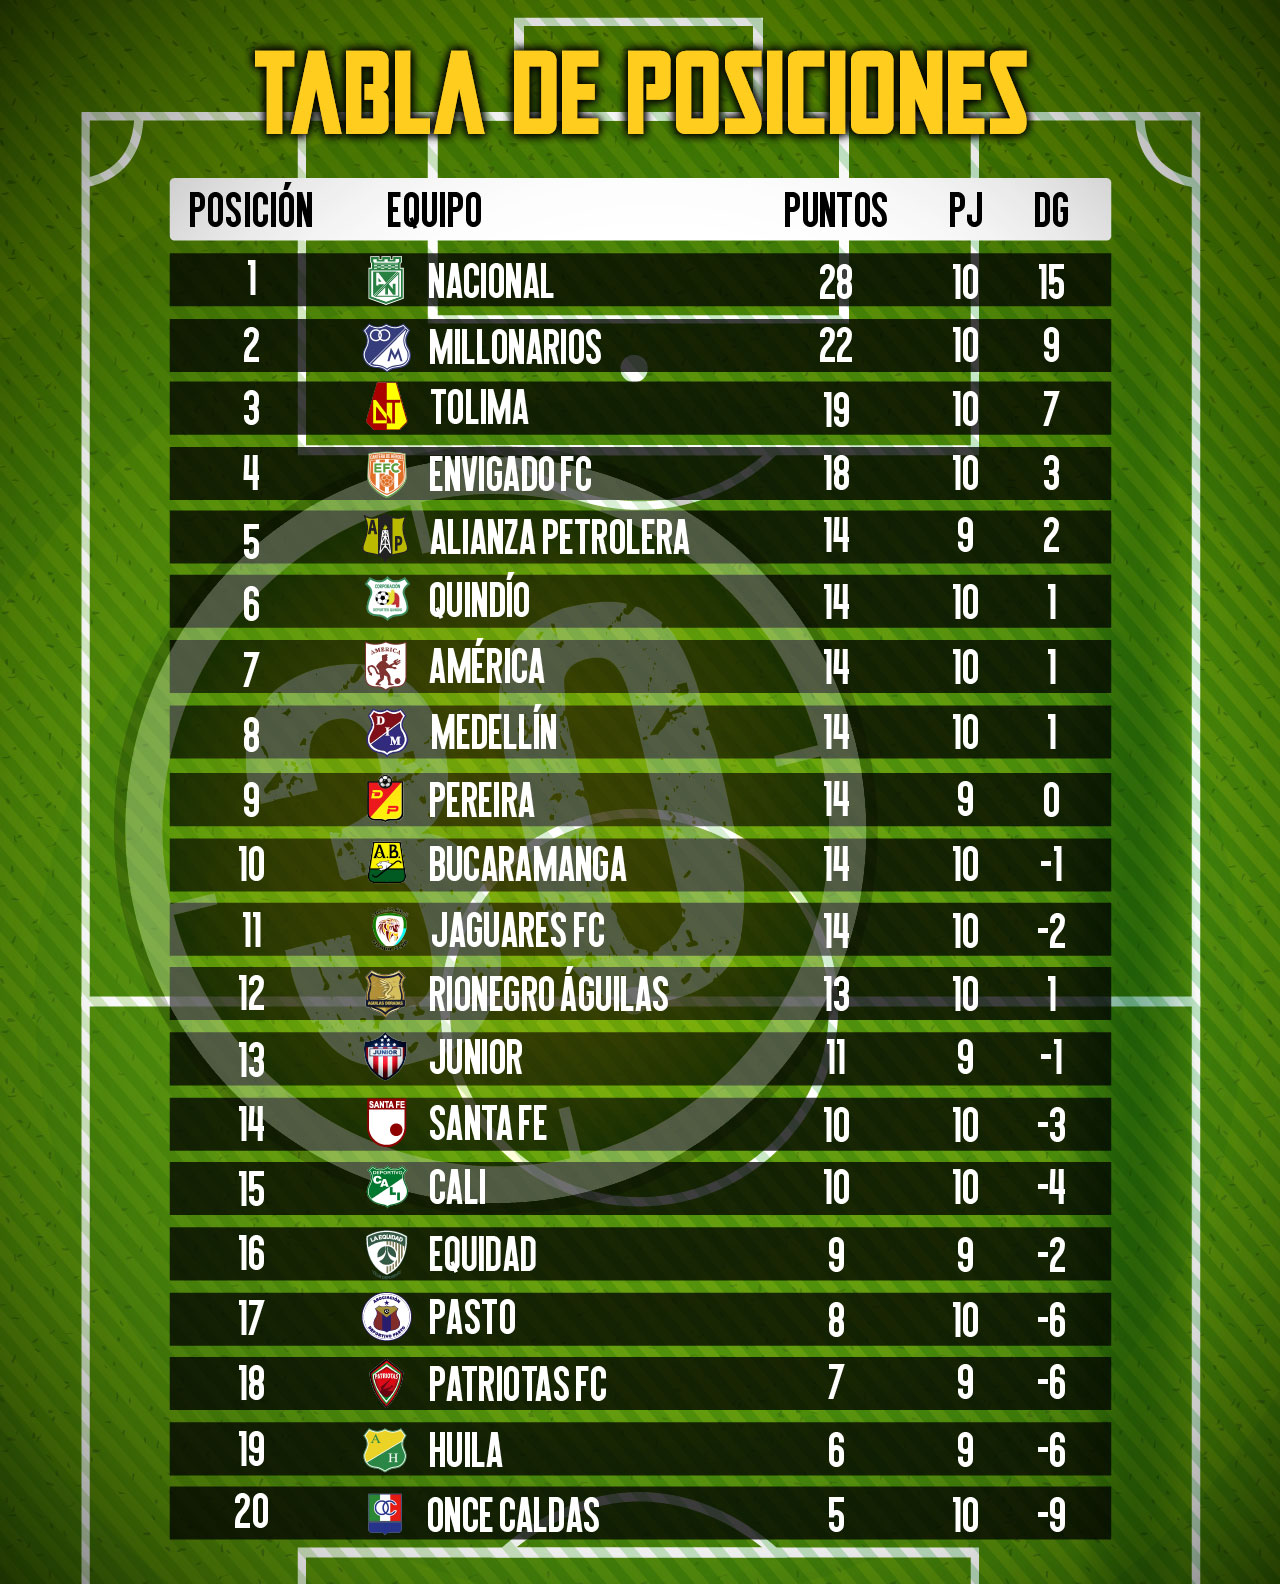 tabla de posiciones 3